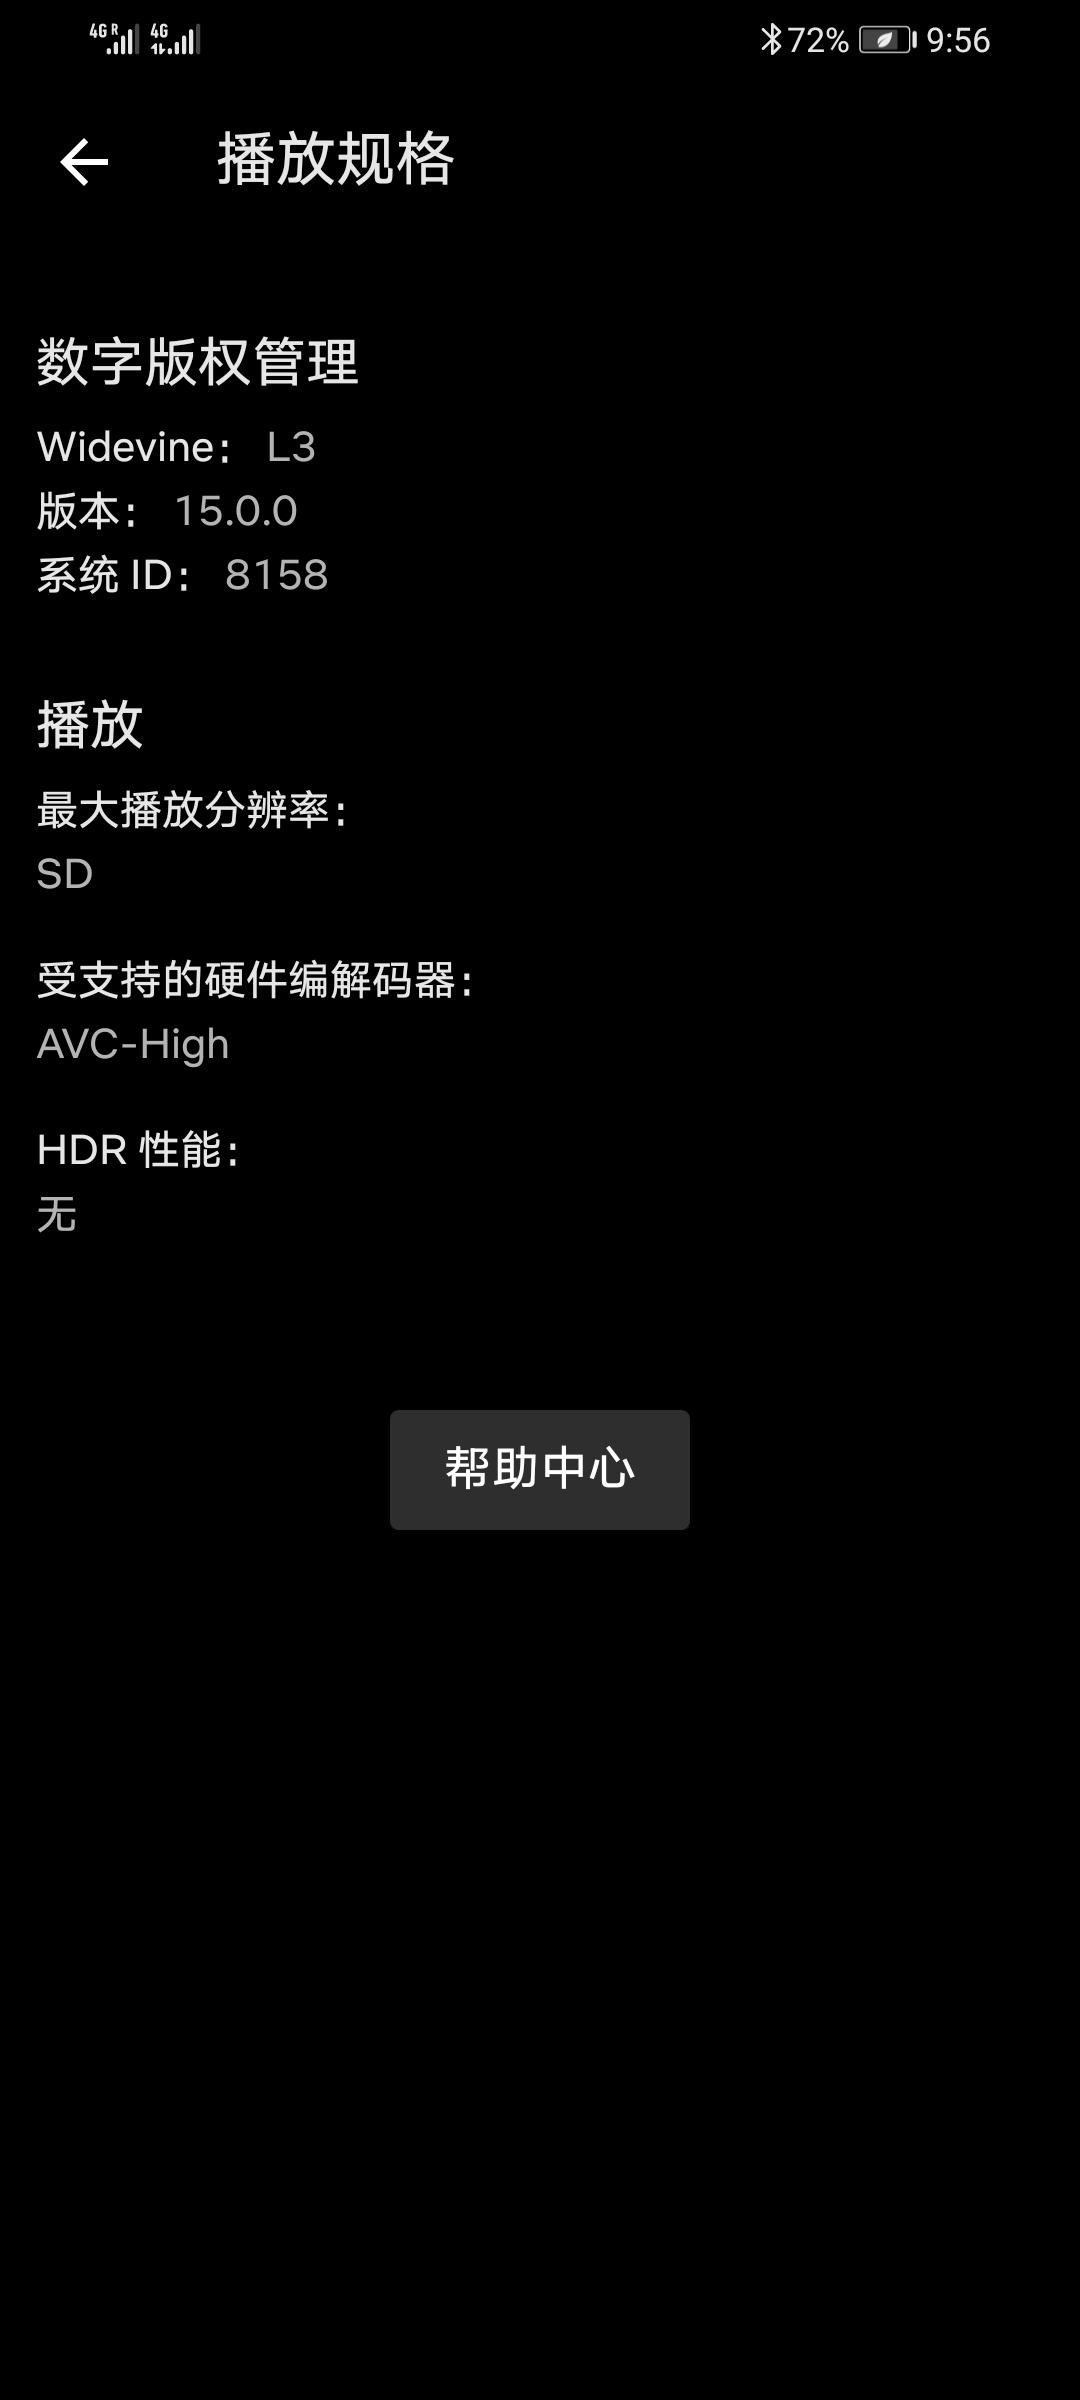 Screenshot_20210302_215631_com.netflix.mediaclient.jpg